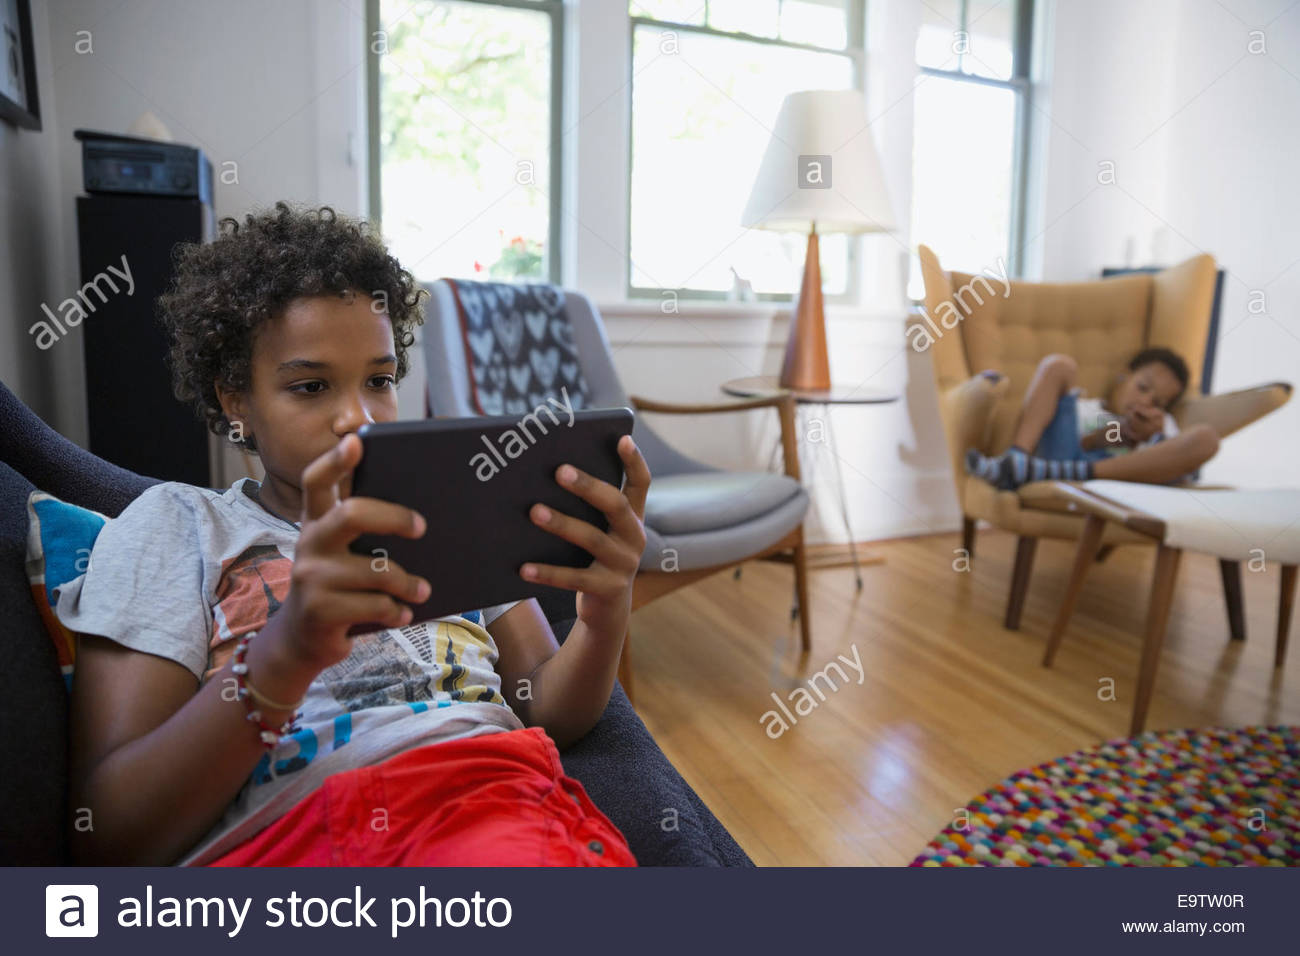 Fratelli utilizzando la tecnologia in salotto Immagini Stock